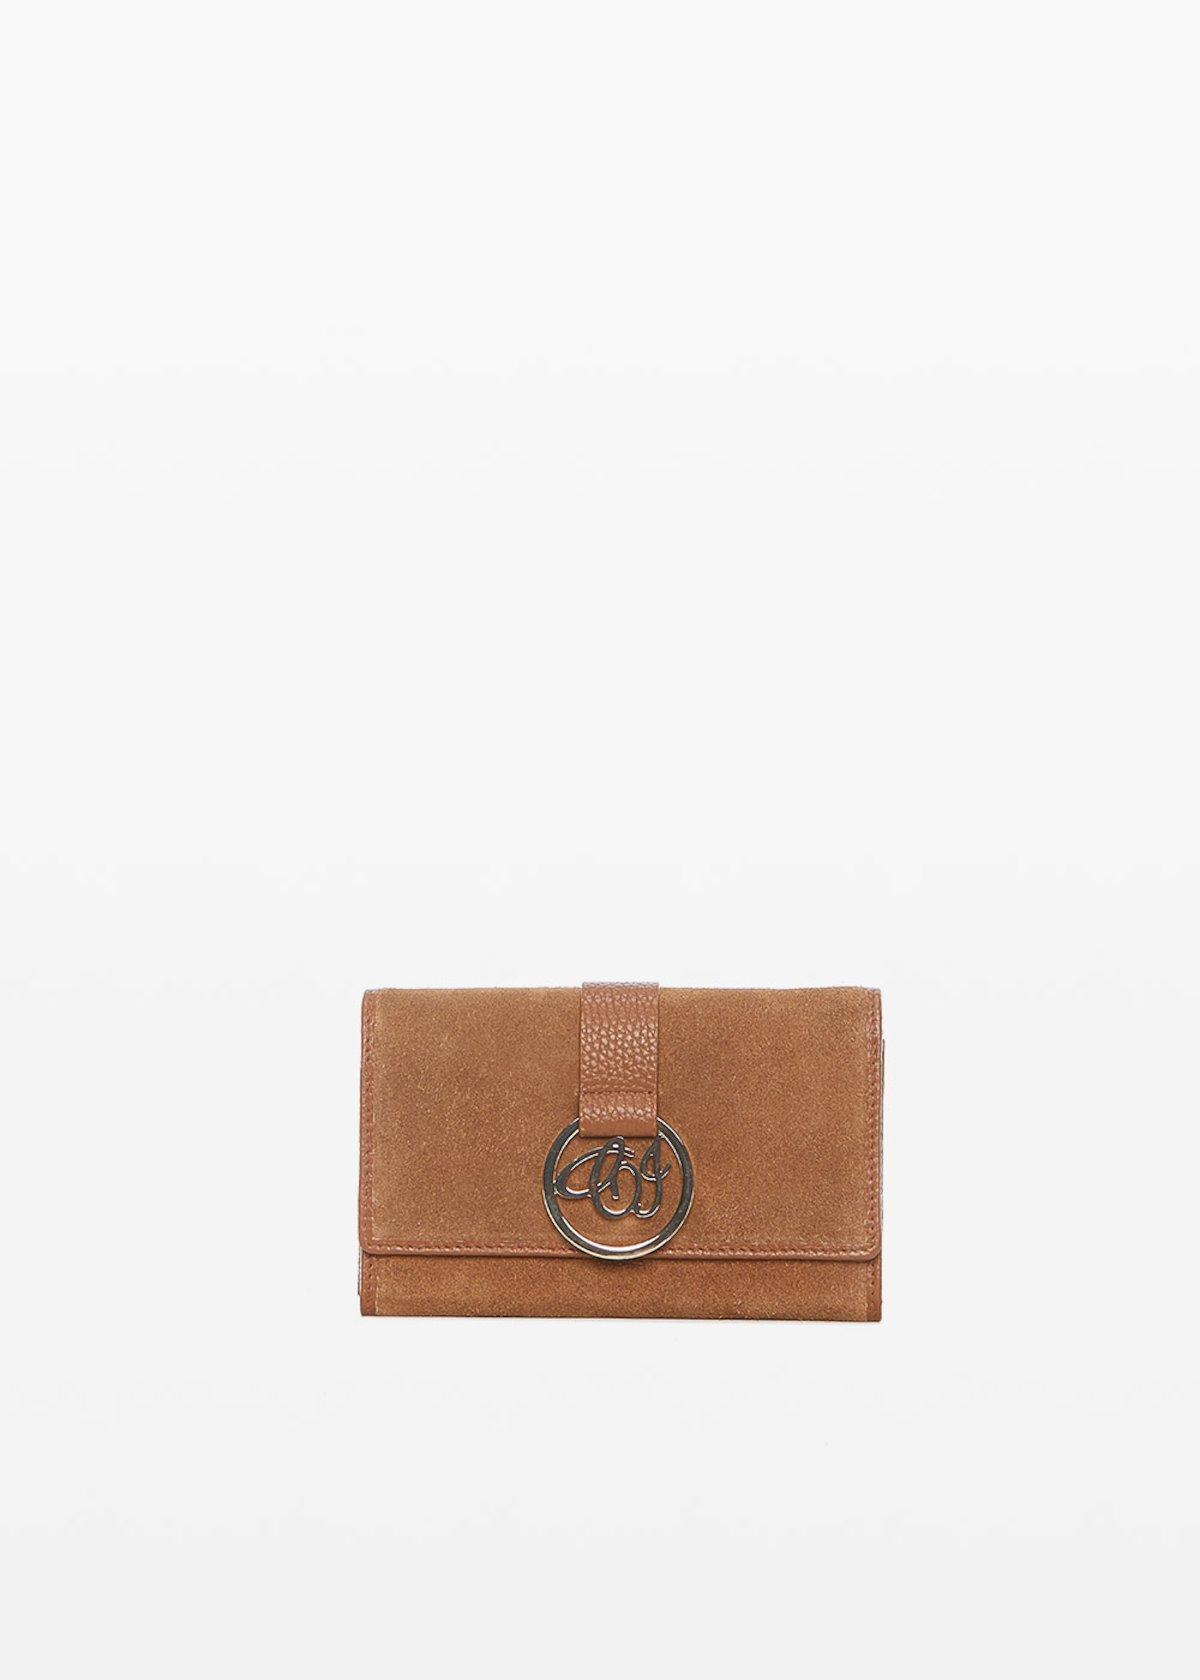 Portafoglio Pollie con logo CI - Tobacco - Donna - Immagine categoria